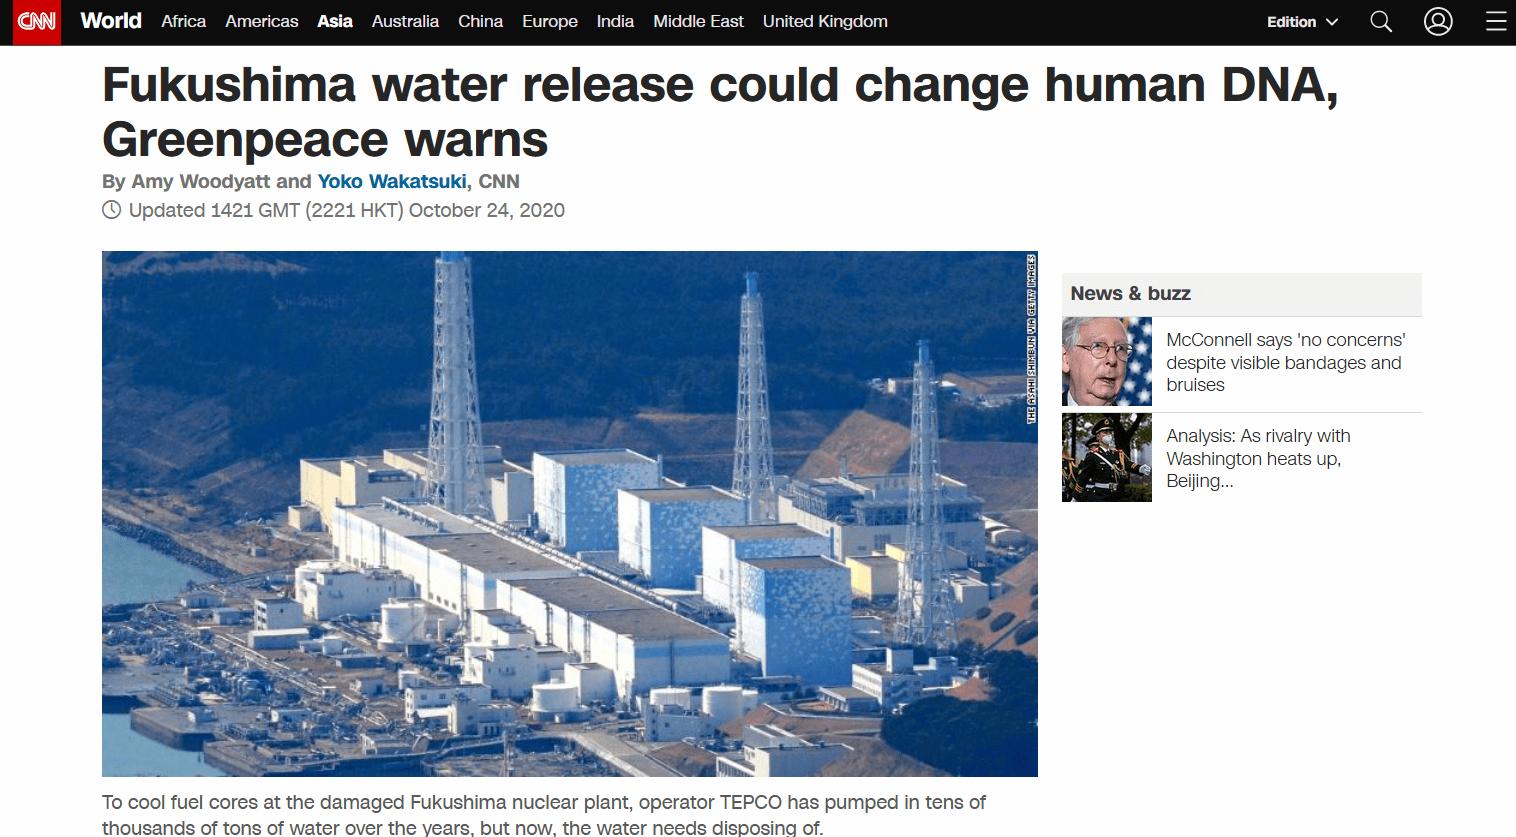 日本福岛百万吨核污水将排入太平洋?绿色和平警告:污染水有可能损害人类DNA